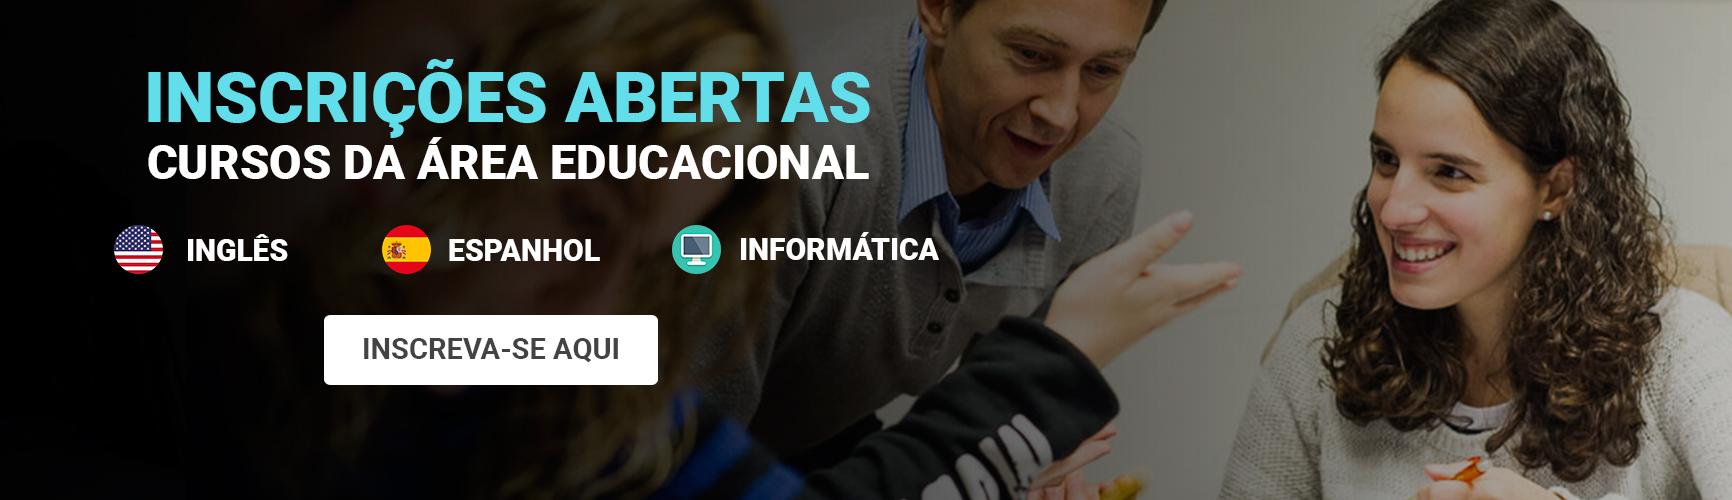 Inscr_educacao